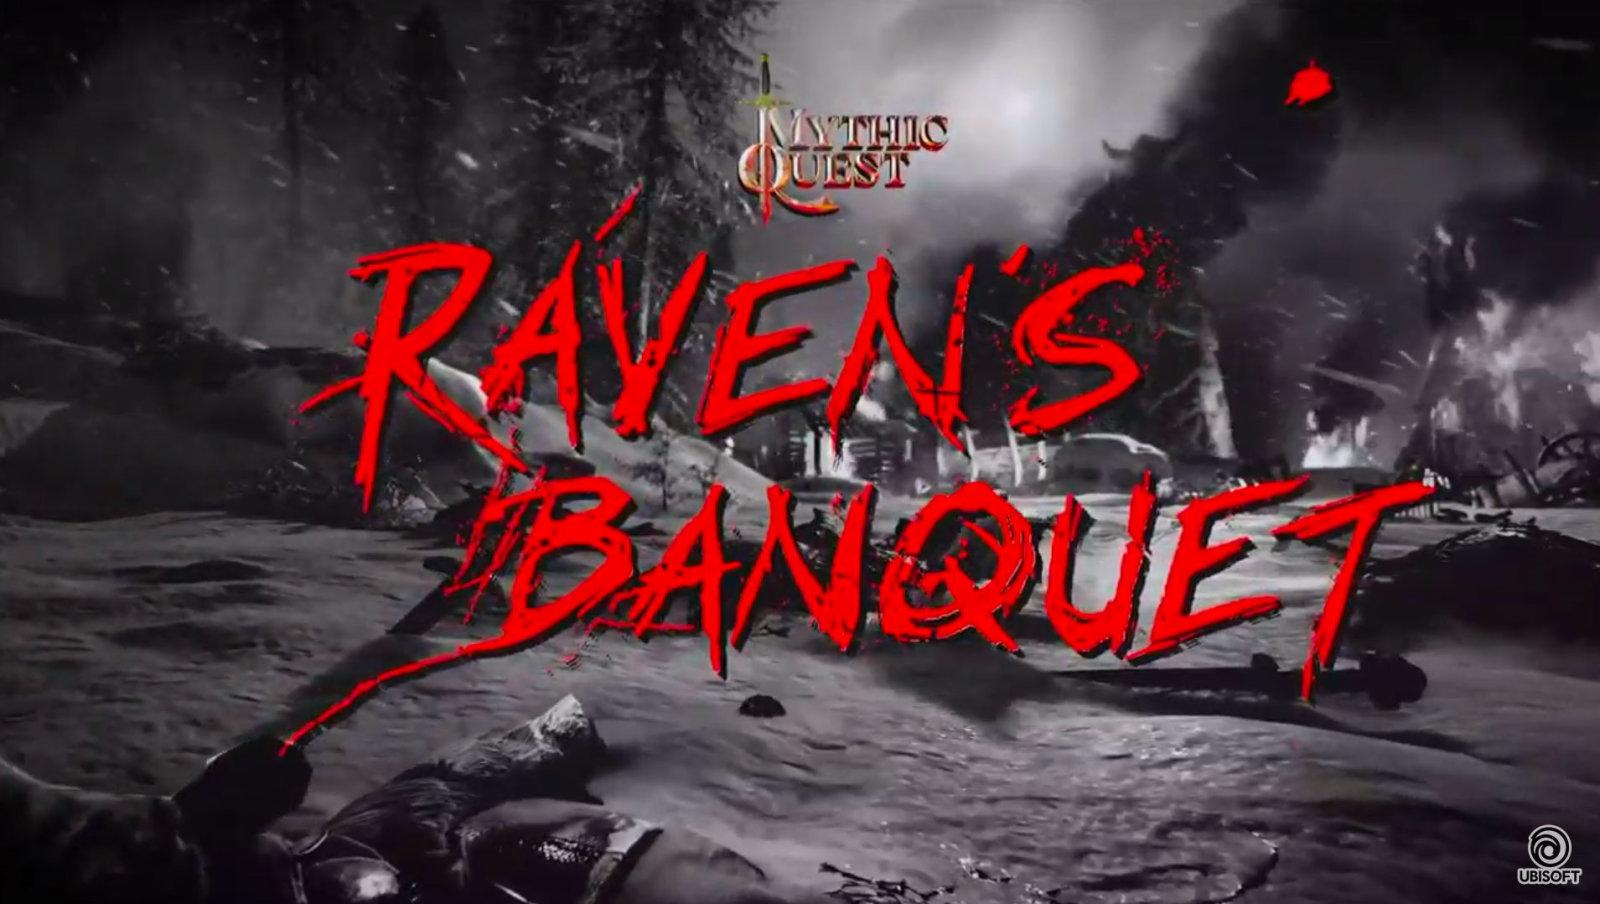 Raven's Banquet